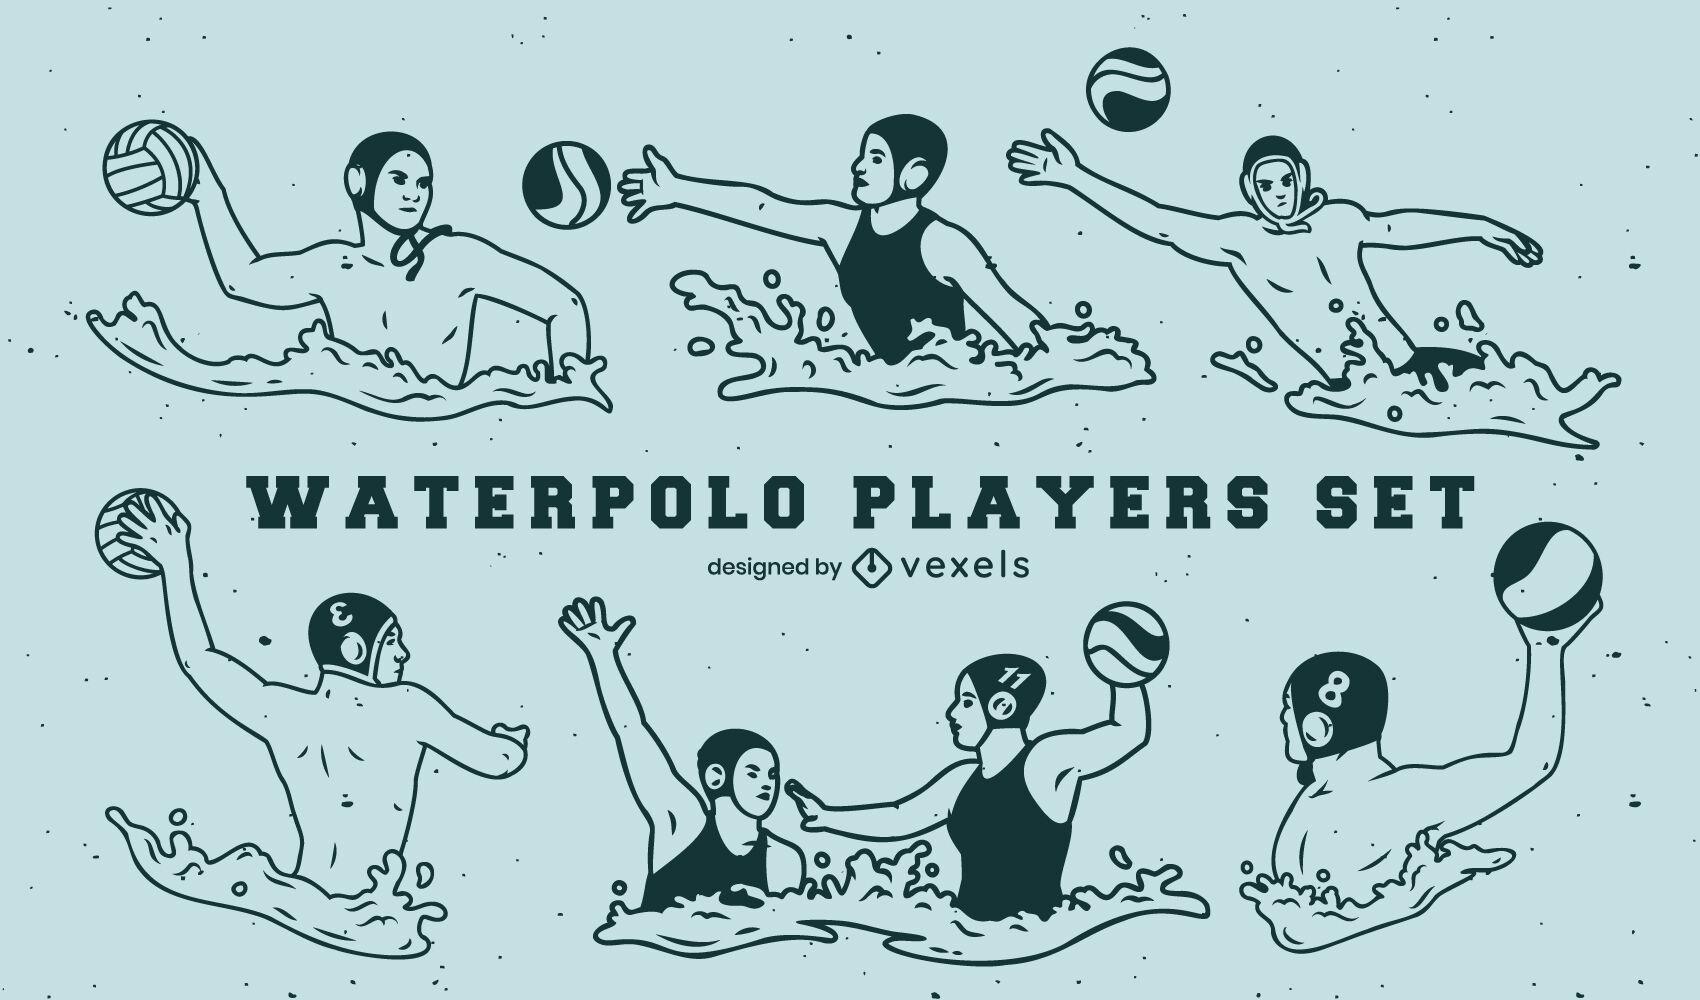 Conjunto de jugadores de waterpolo llenos de trazo.